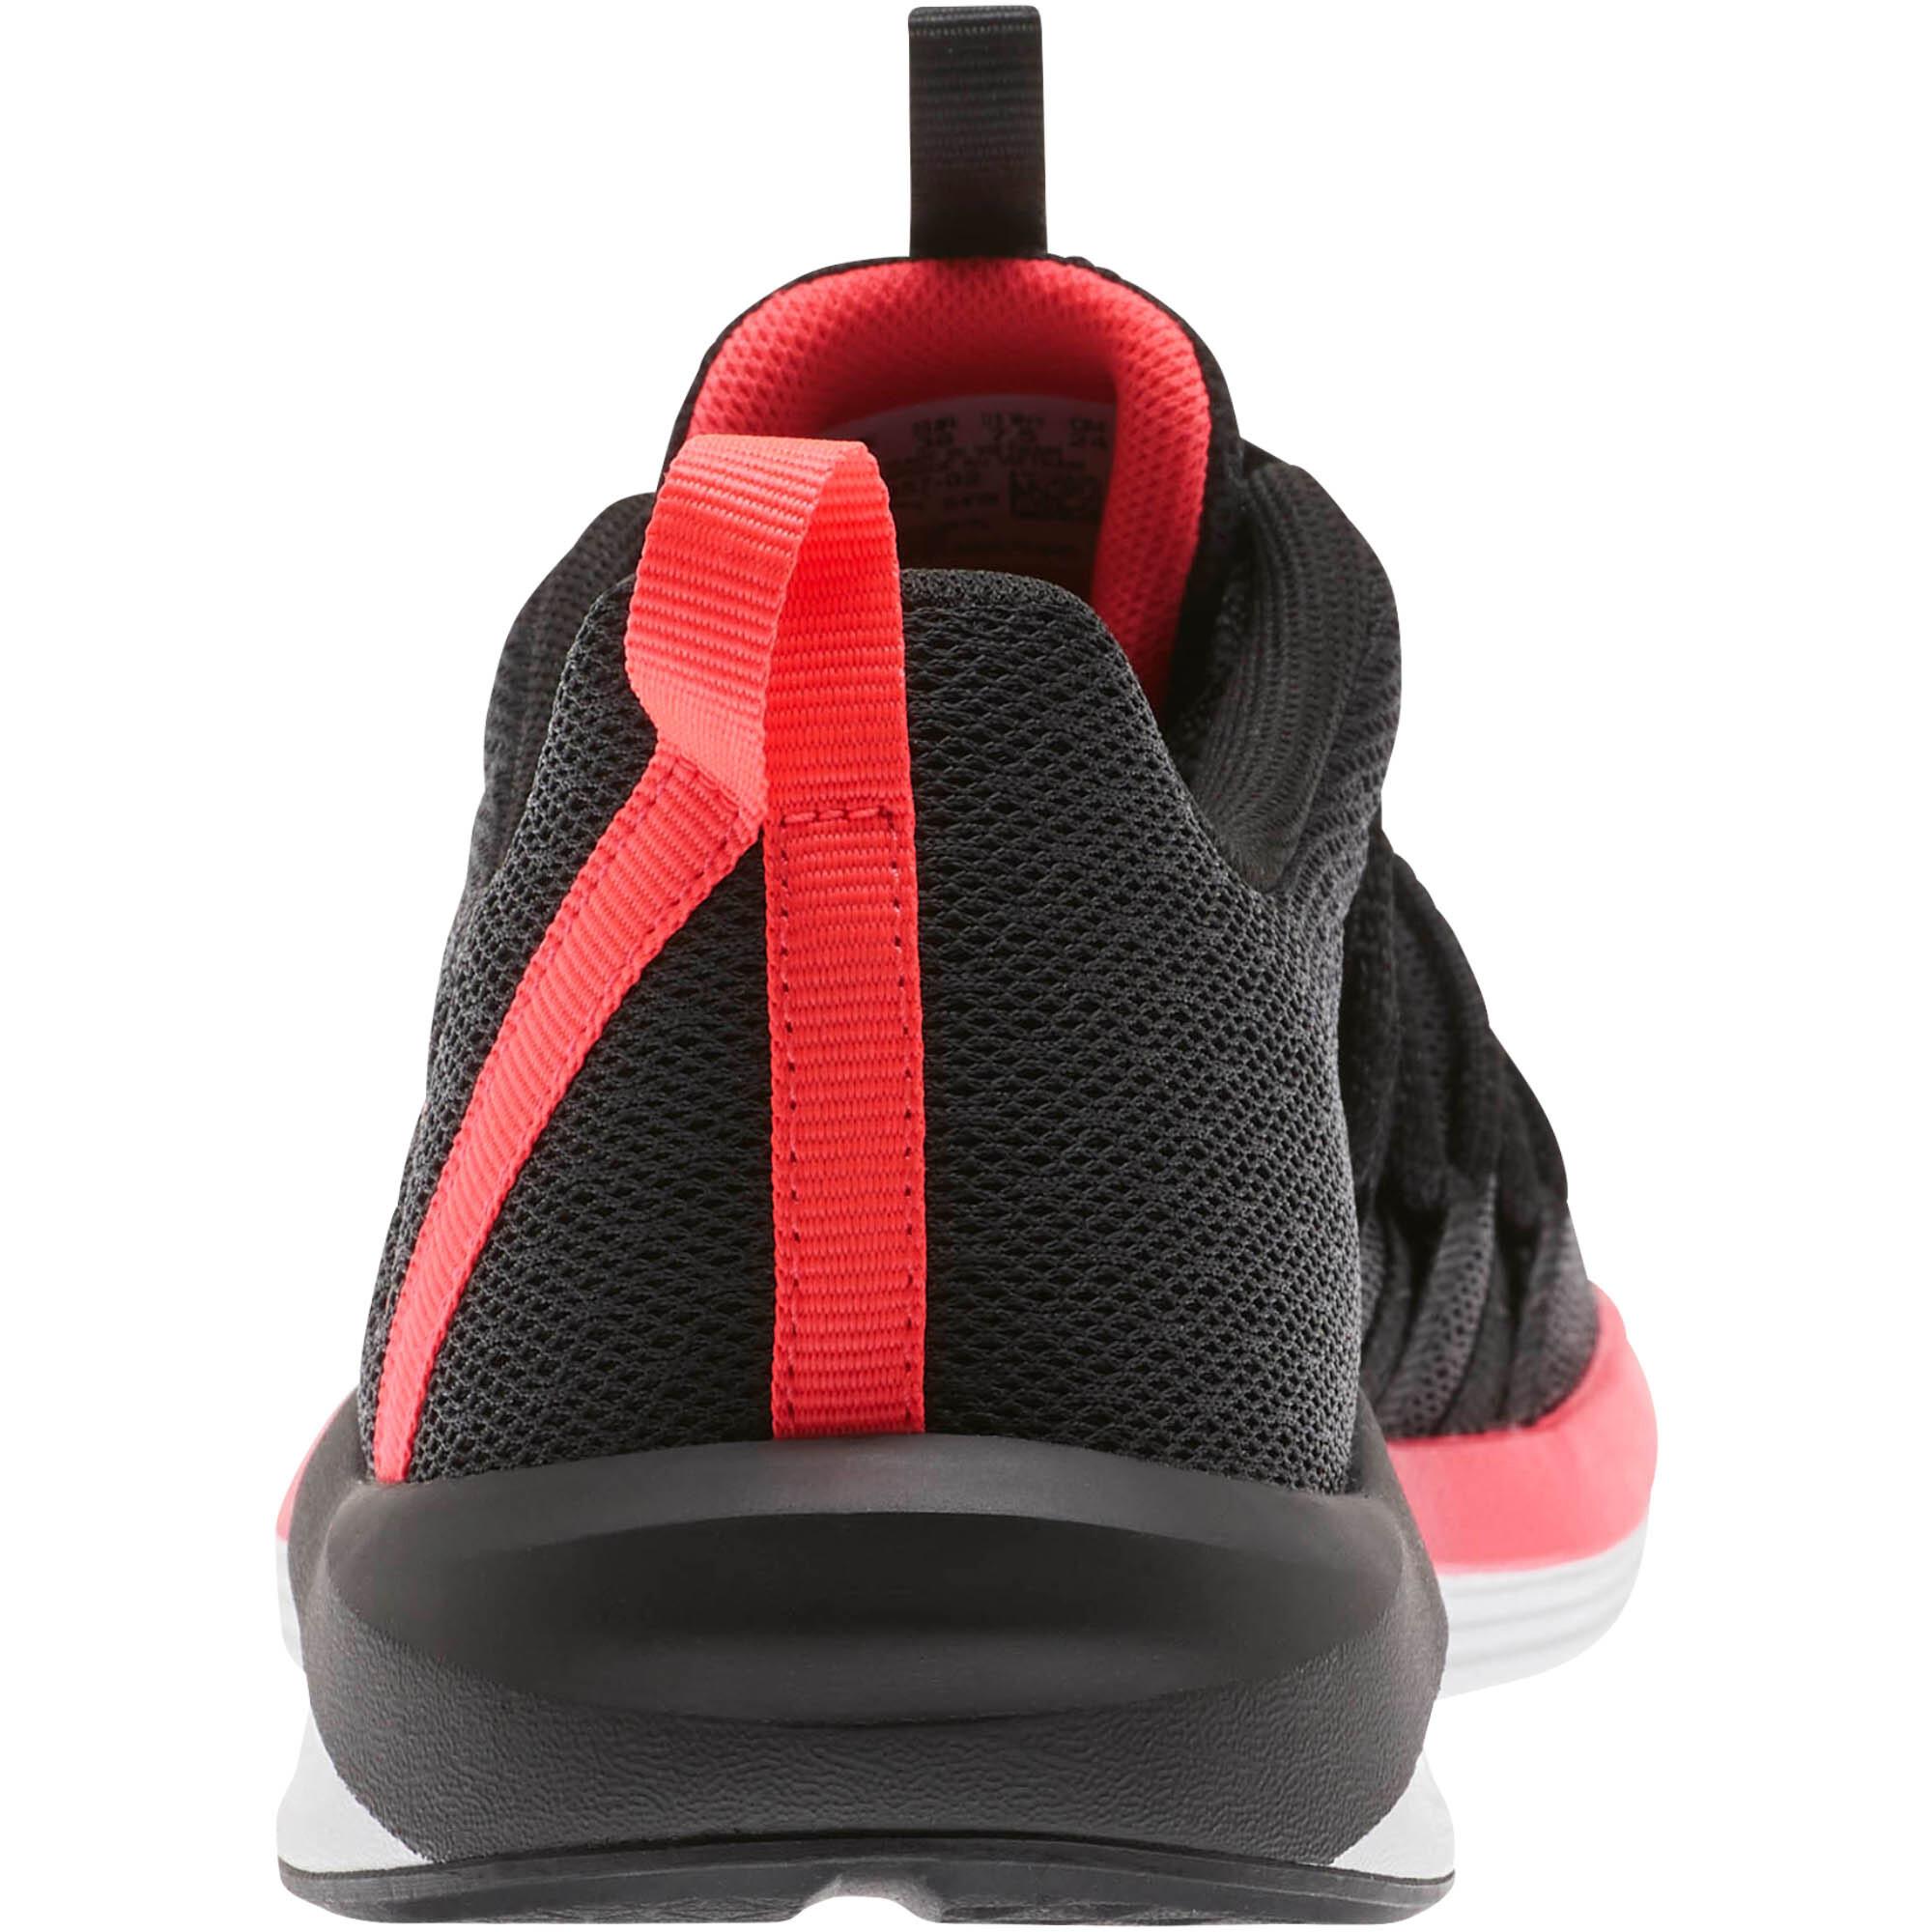 PUMA-Prowl-Alt-Fade-Women-s-Training-Shoes-Women-Shoe-Training thumbnail 3